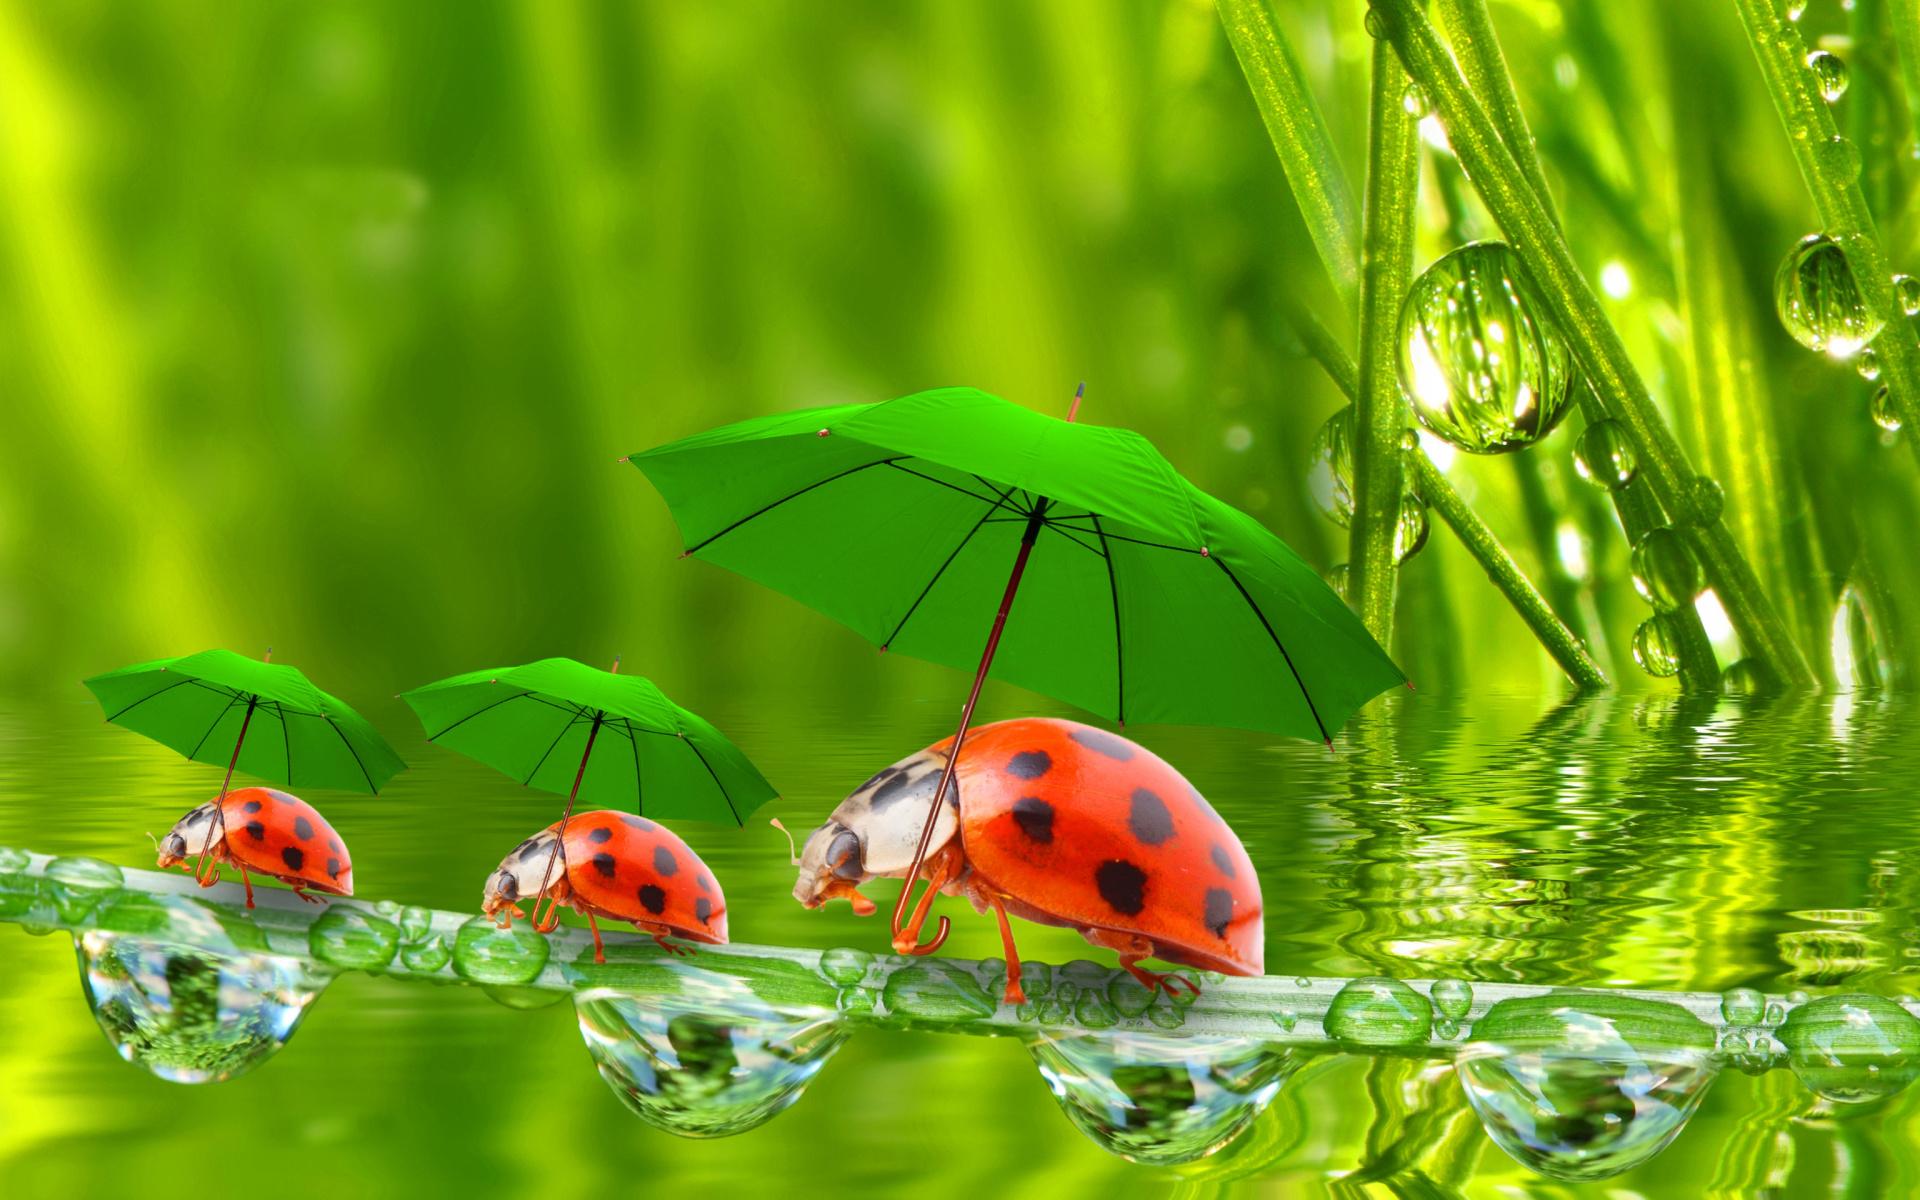 Funny ladybugs fondos de pantalla gratis para widescreen for Fondos de pantalla ordenador gratis